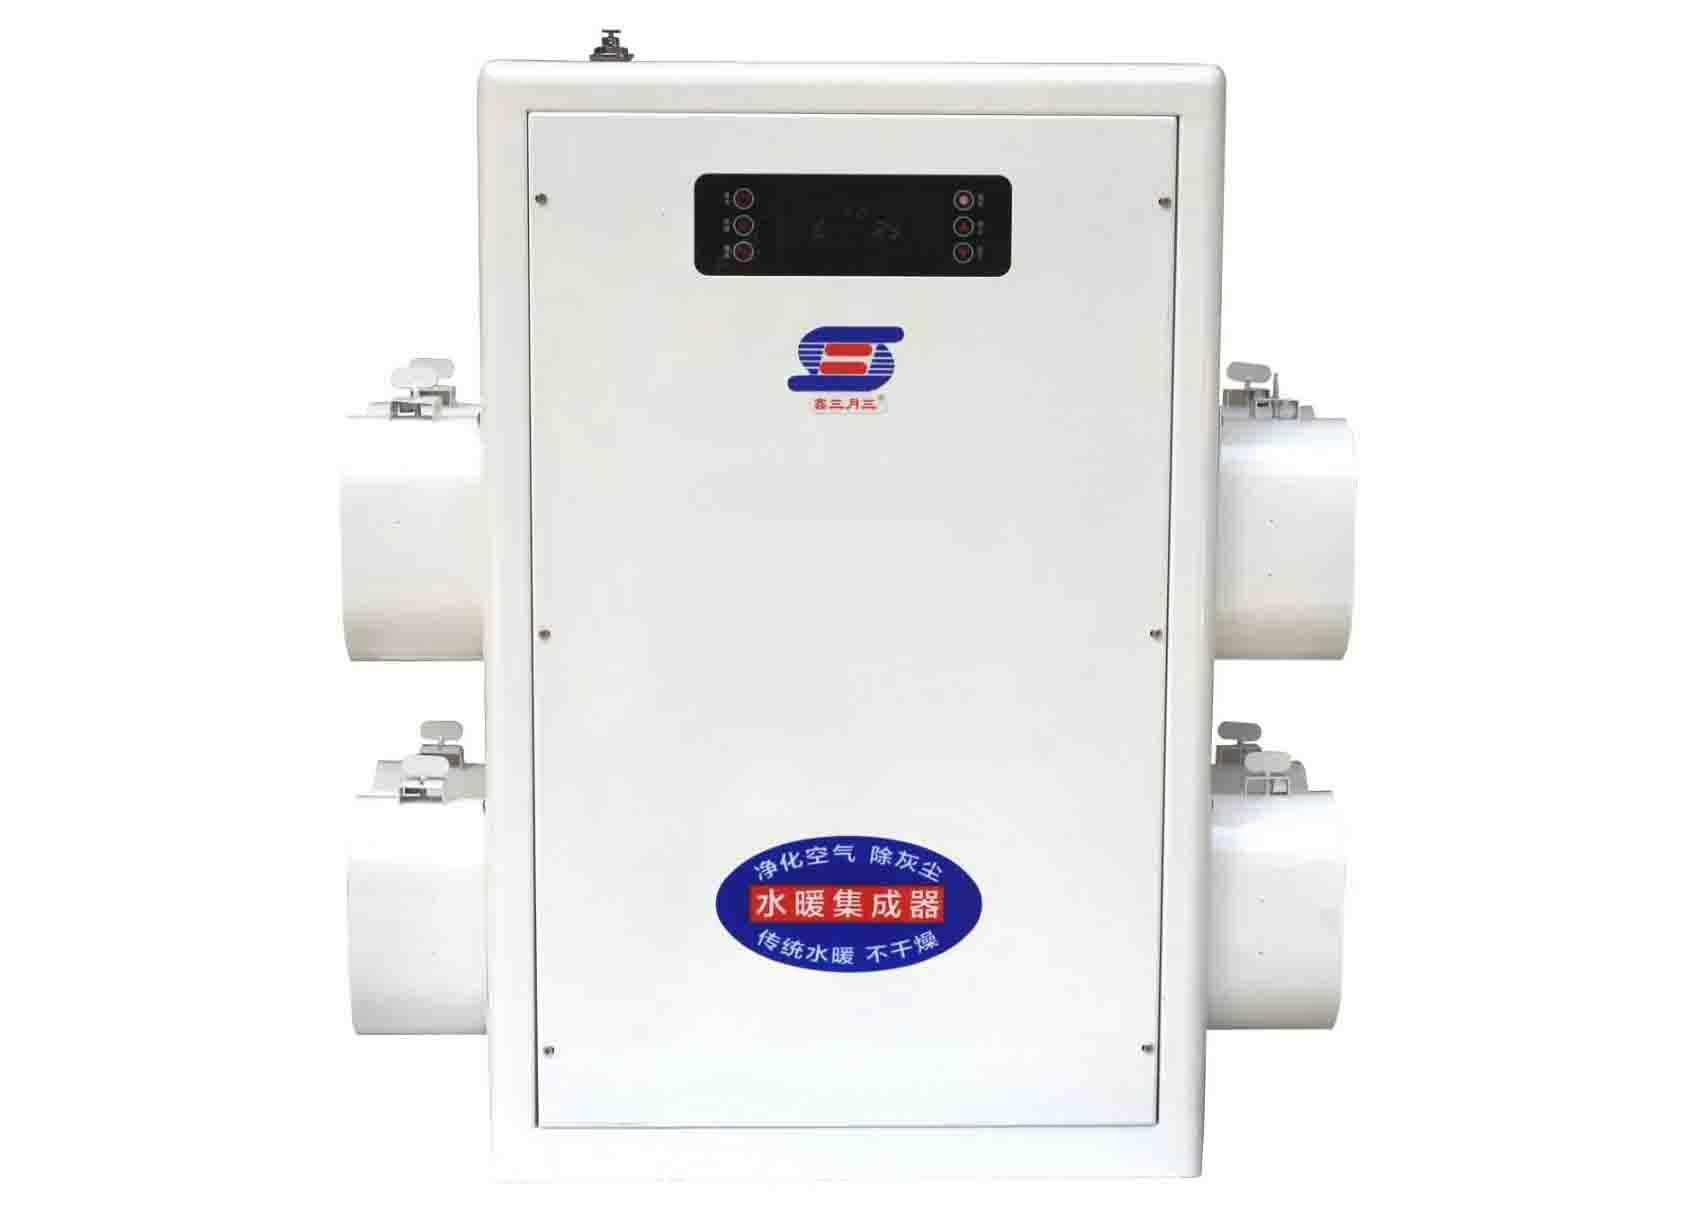 水暖集成器钣金外壳加工案例